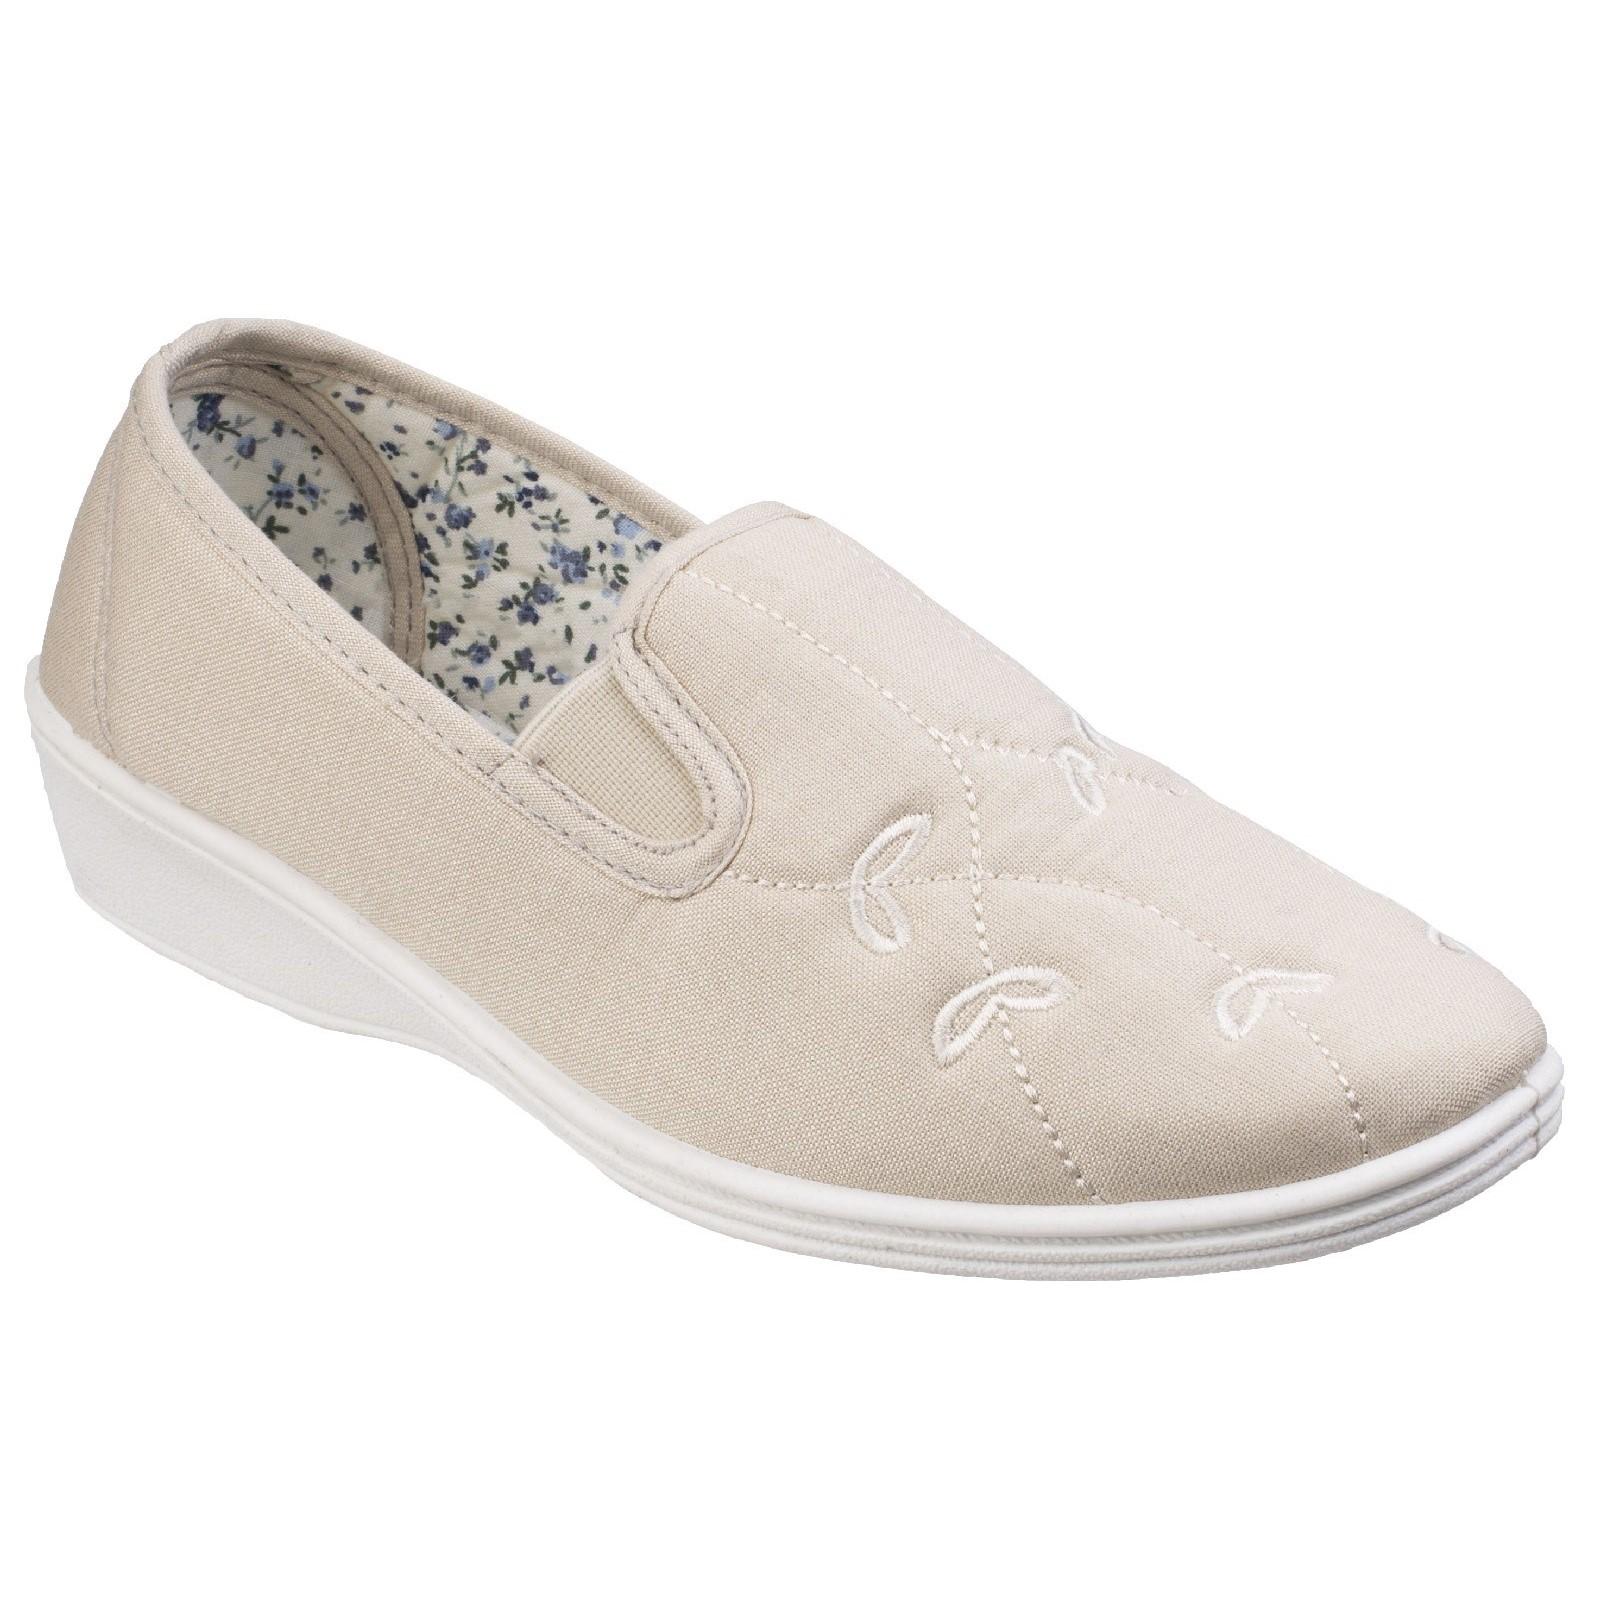 Sneakers Estate beige con allacciatura elasticizzata per donna 93JjR0